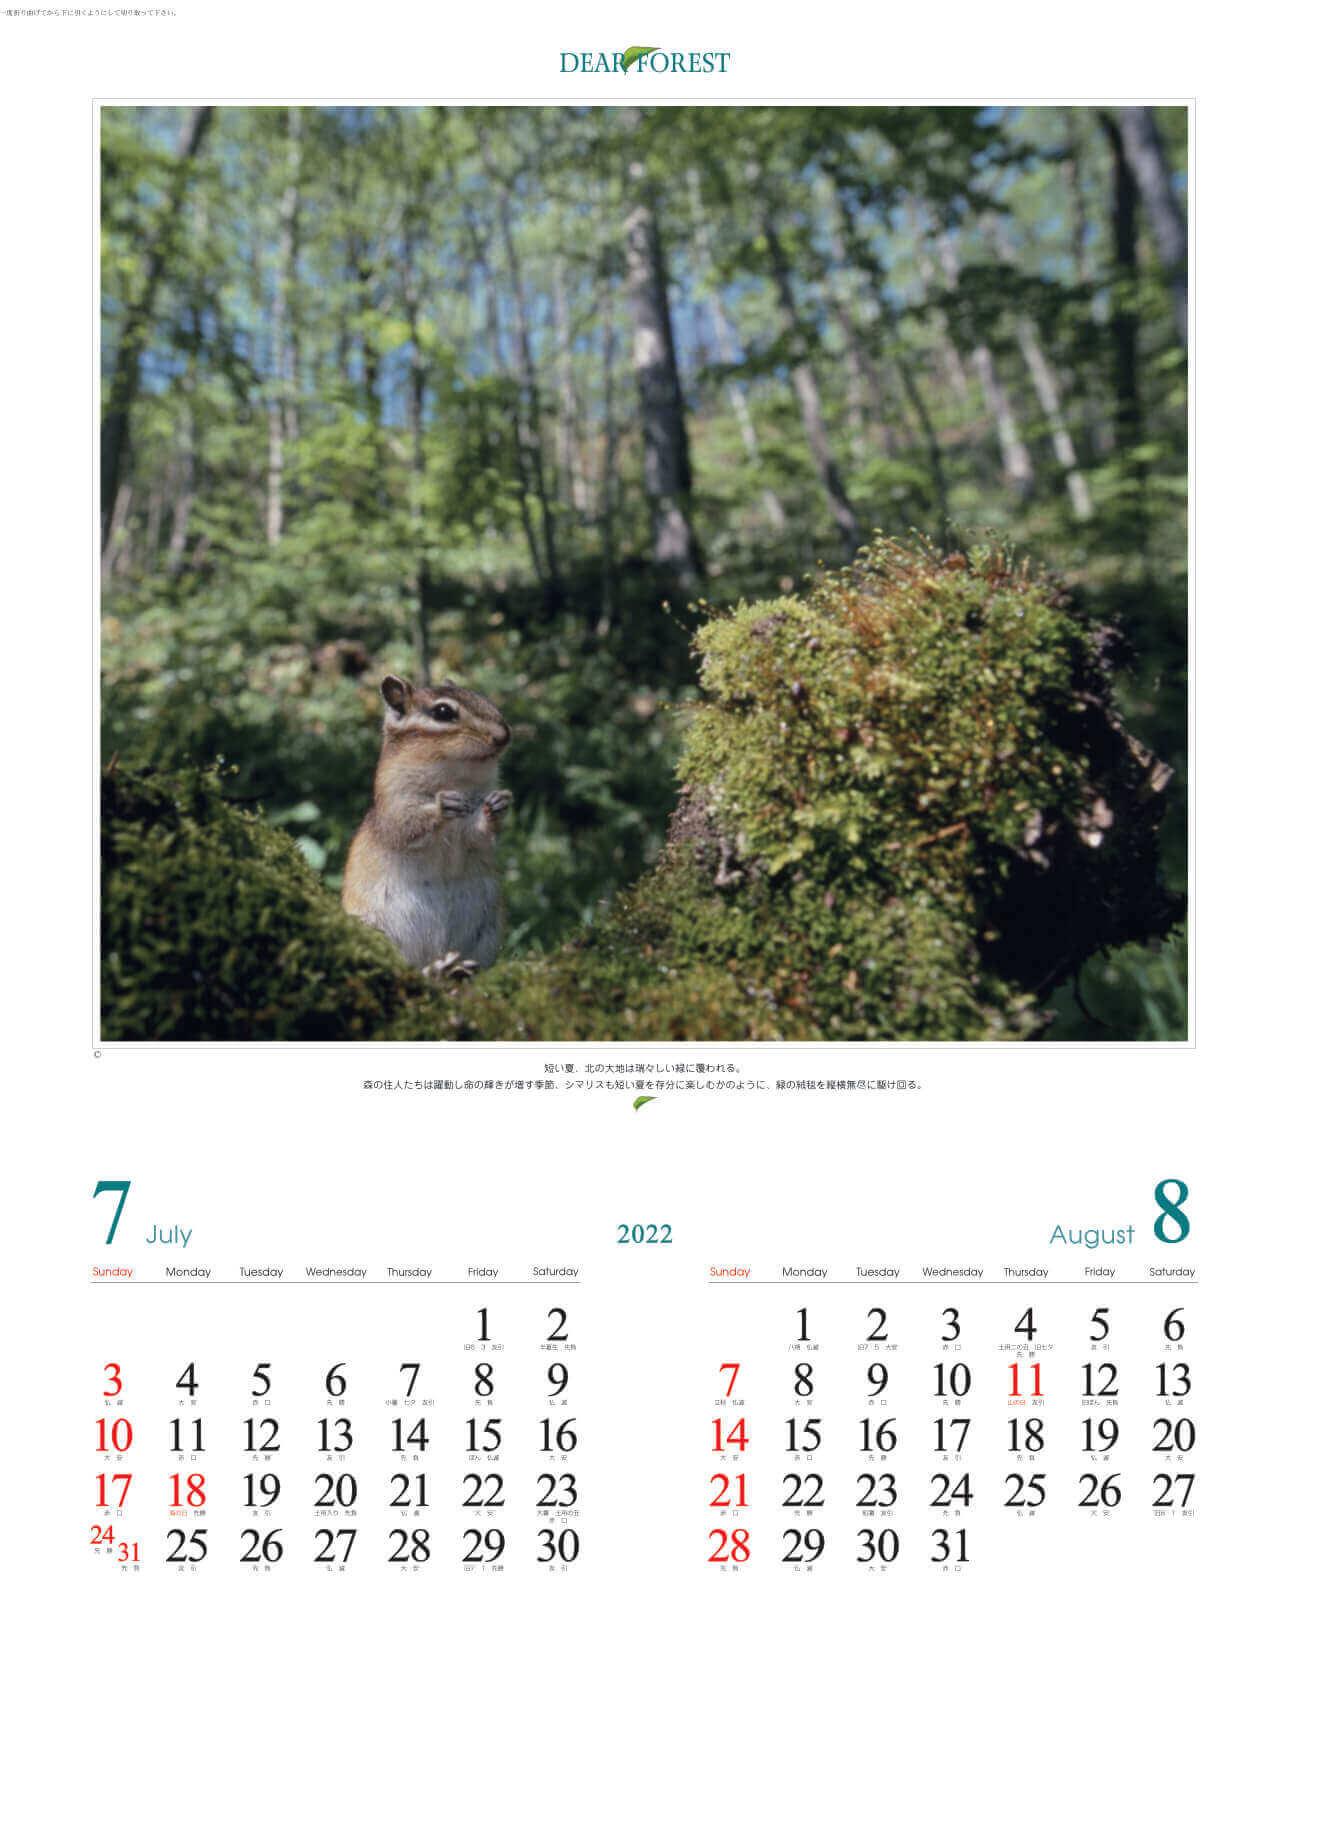 7-8月 シマリス ディアフォレスト 2022年カレンダーの画像